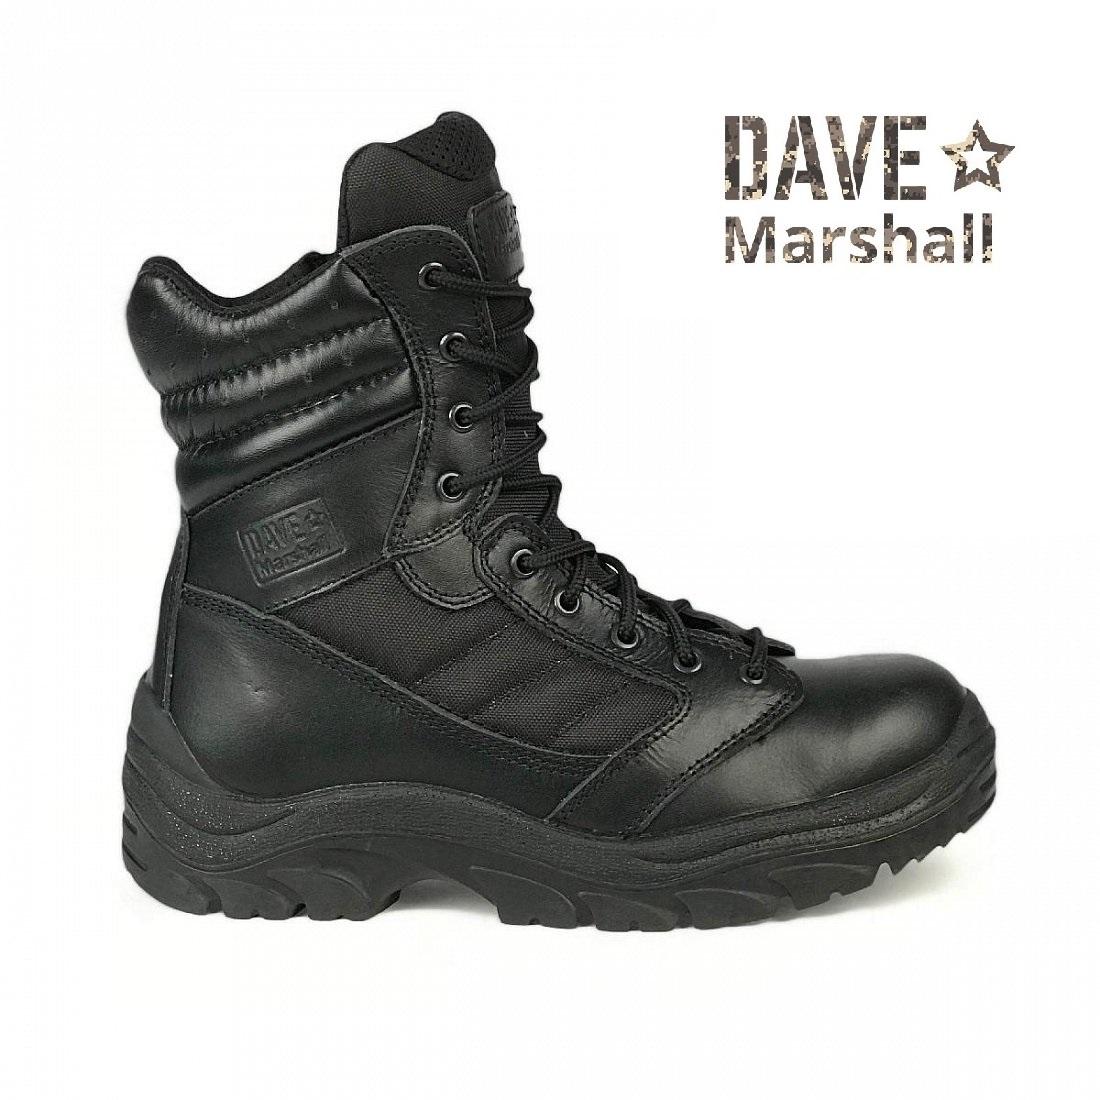 Ботинки кожаные с высокими берцами TERRA CG-7, Ботинки с высокими берцами - арт. 1129480245